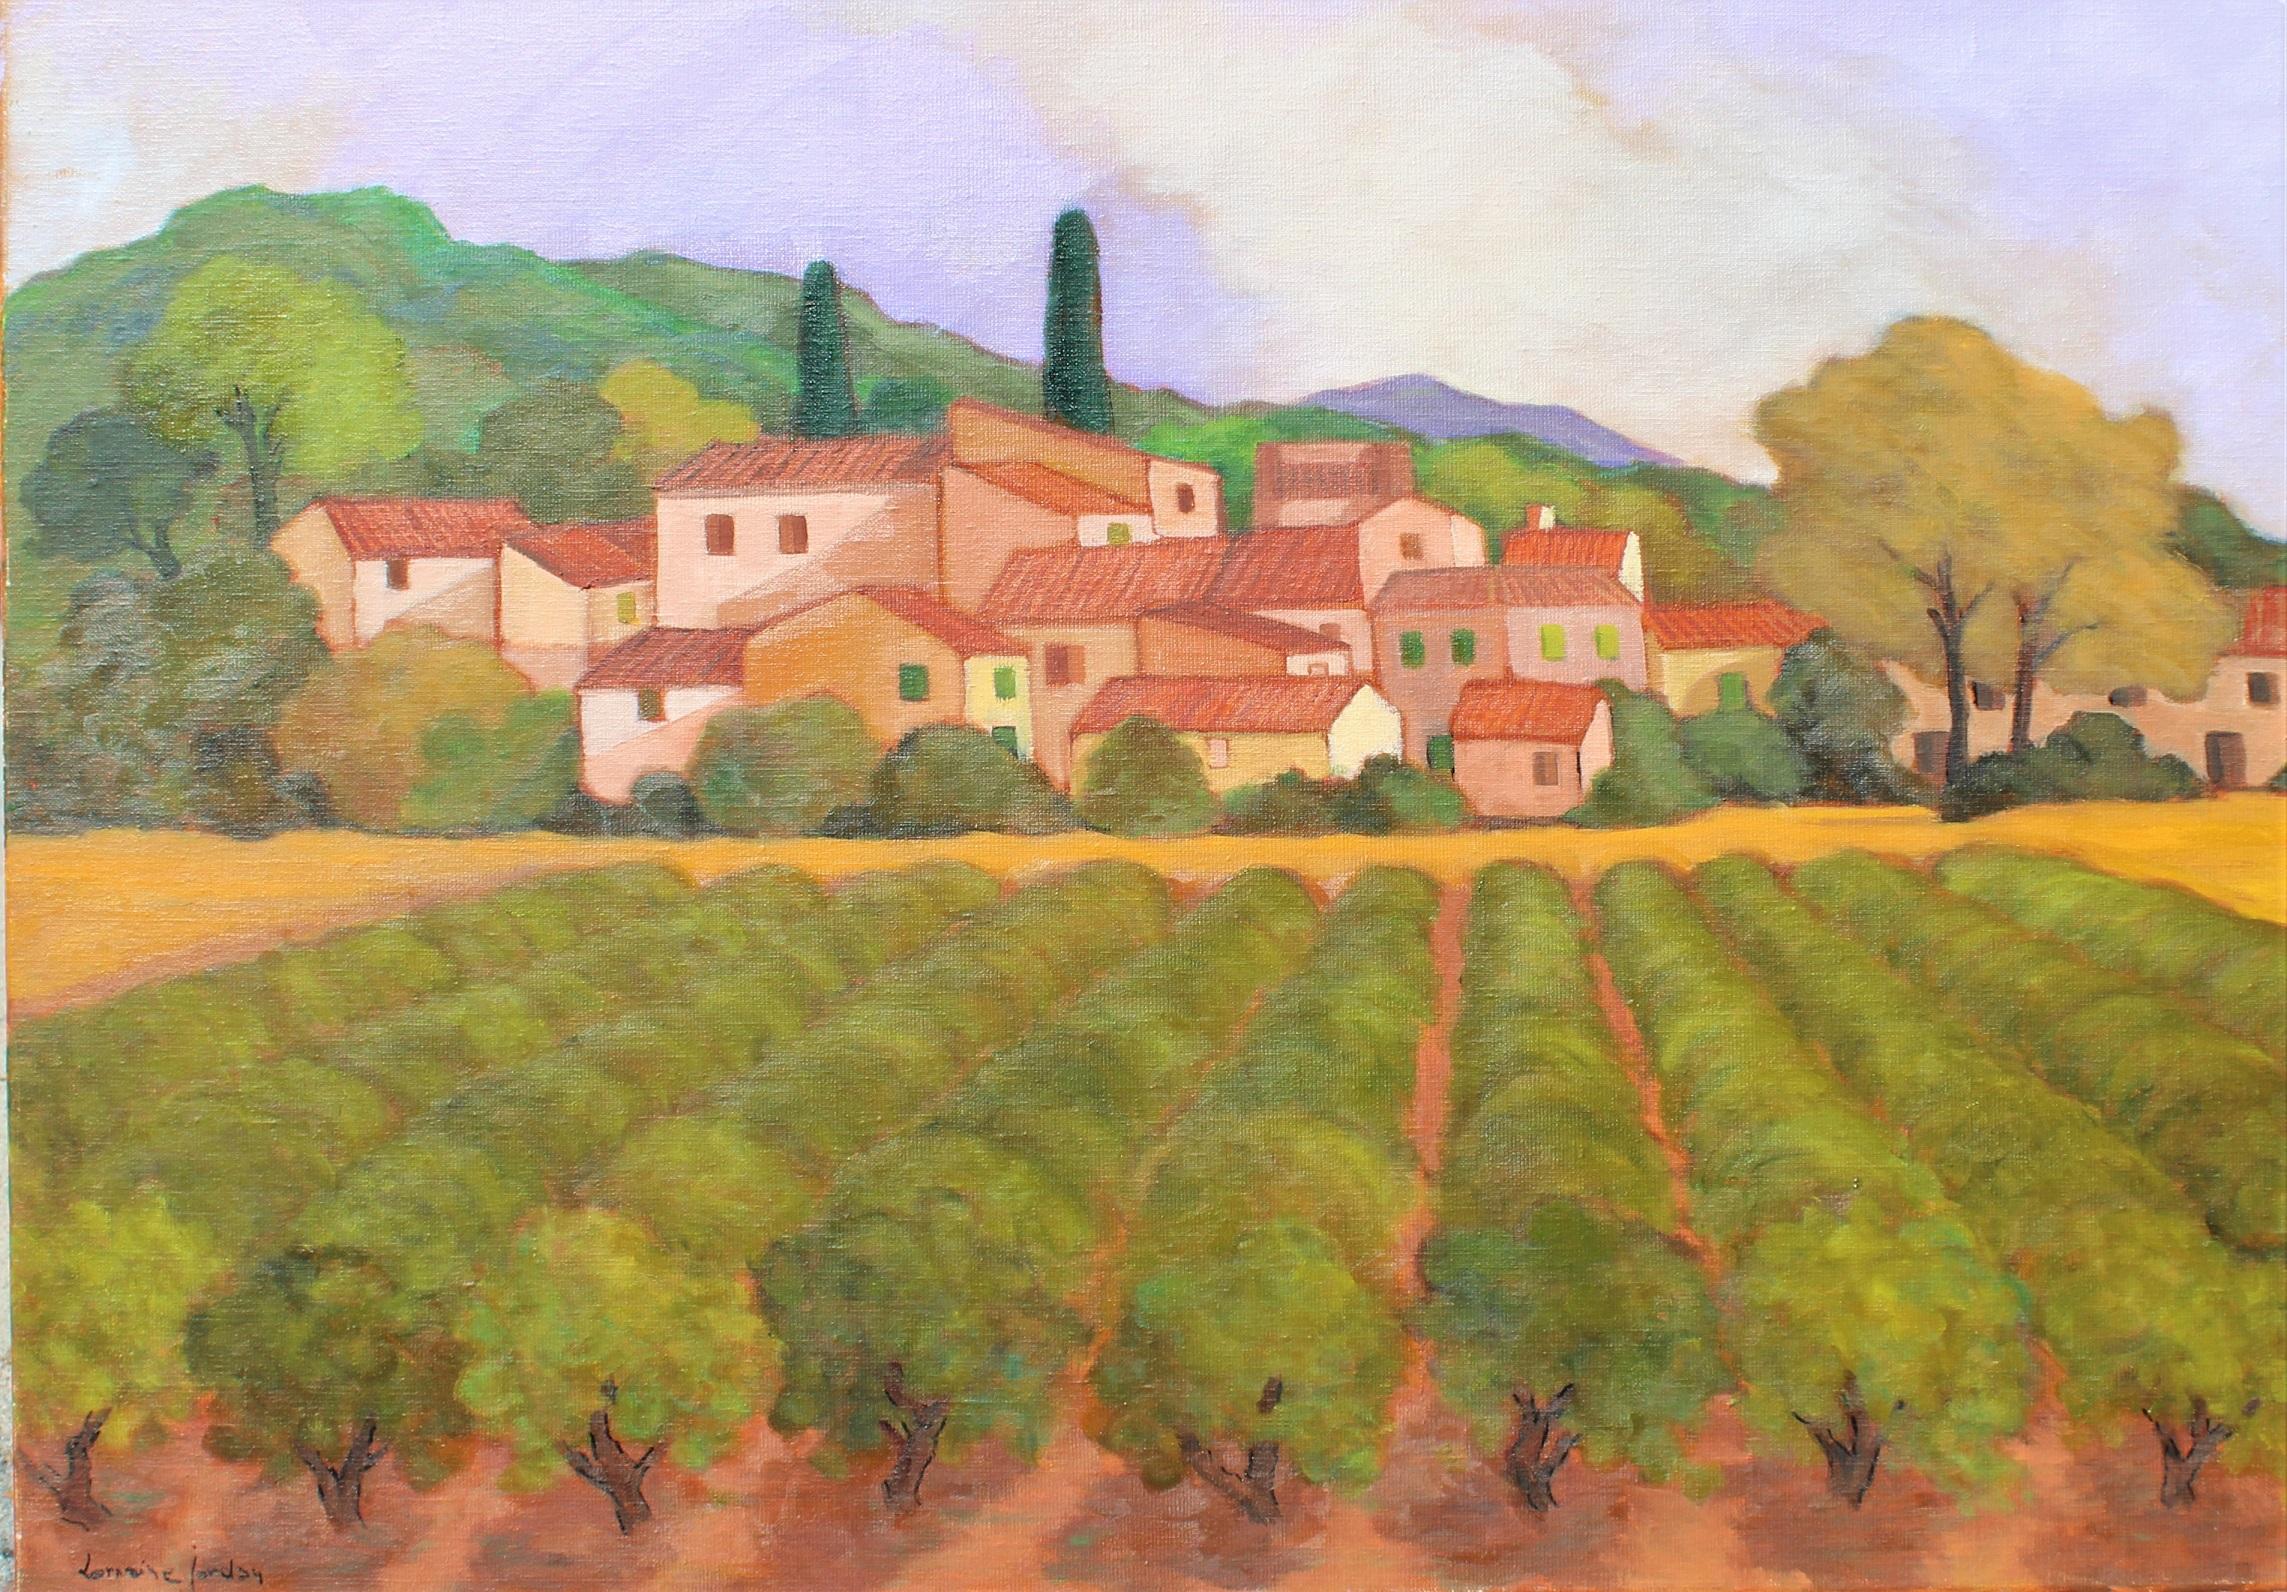 Le Village aux Vignes... by  Lorraine  Jordan - Masterpiece Online